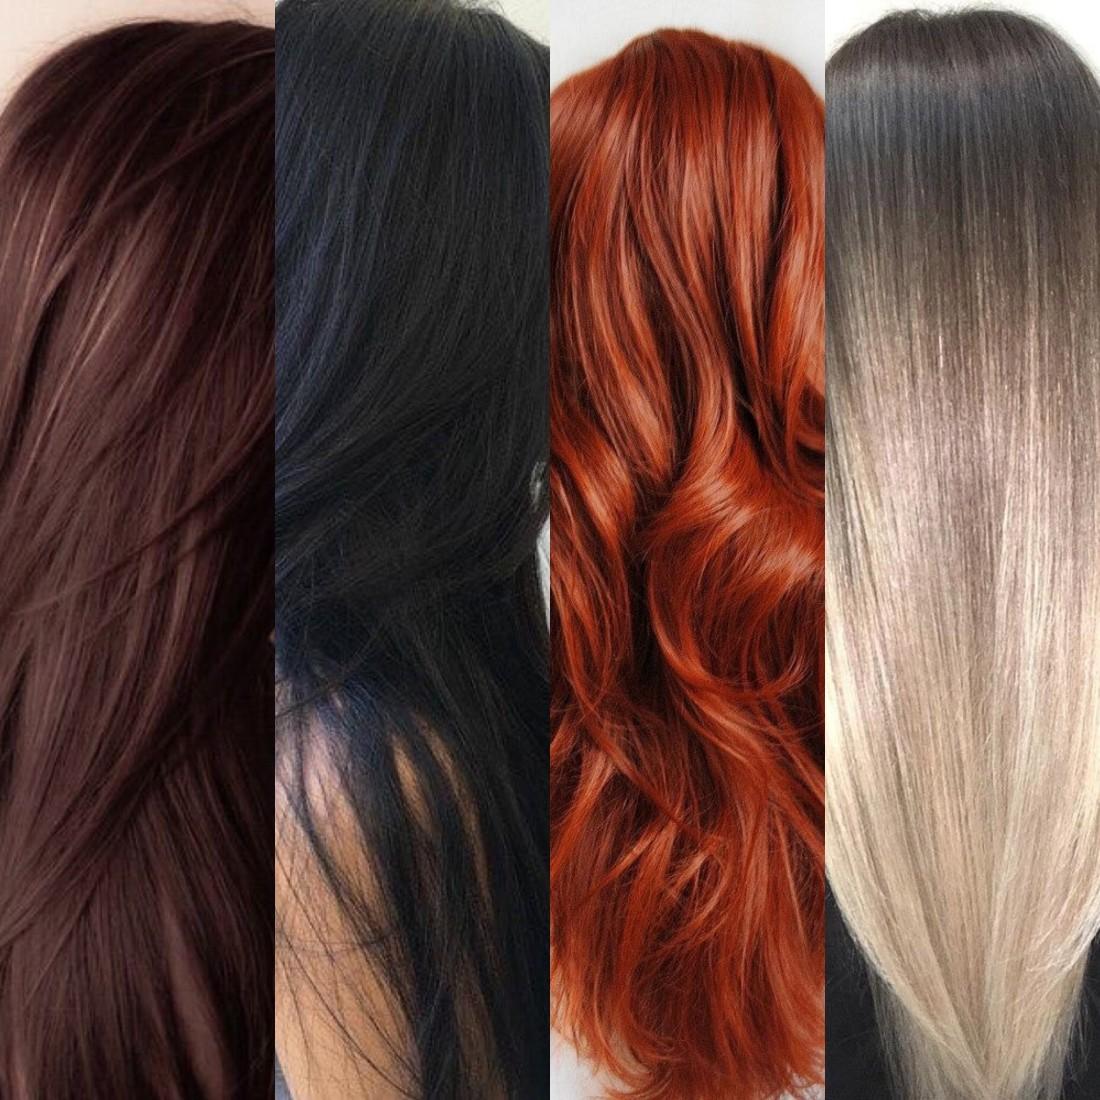 Hair Inbloombee